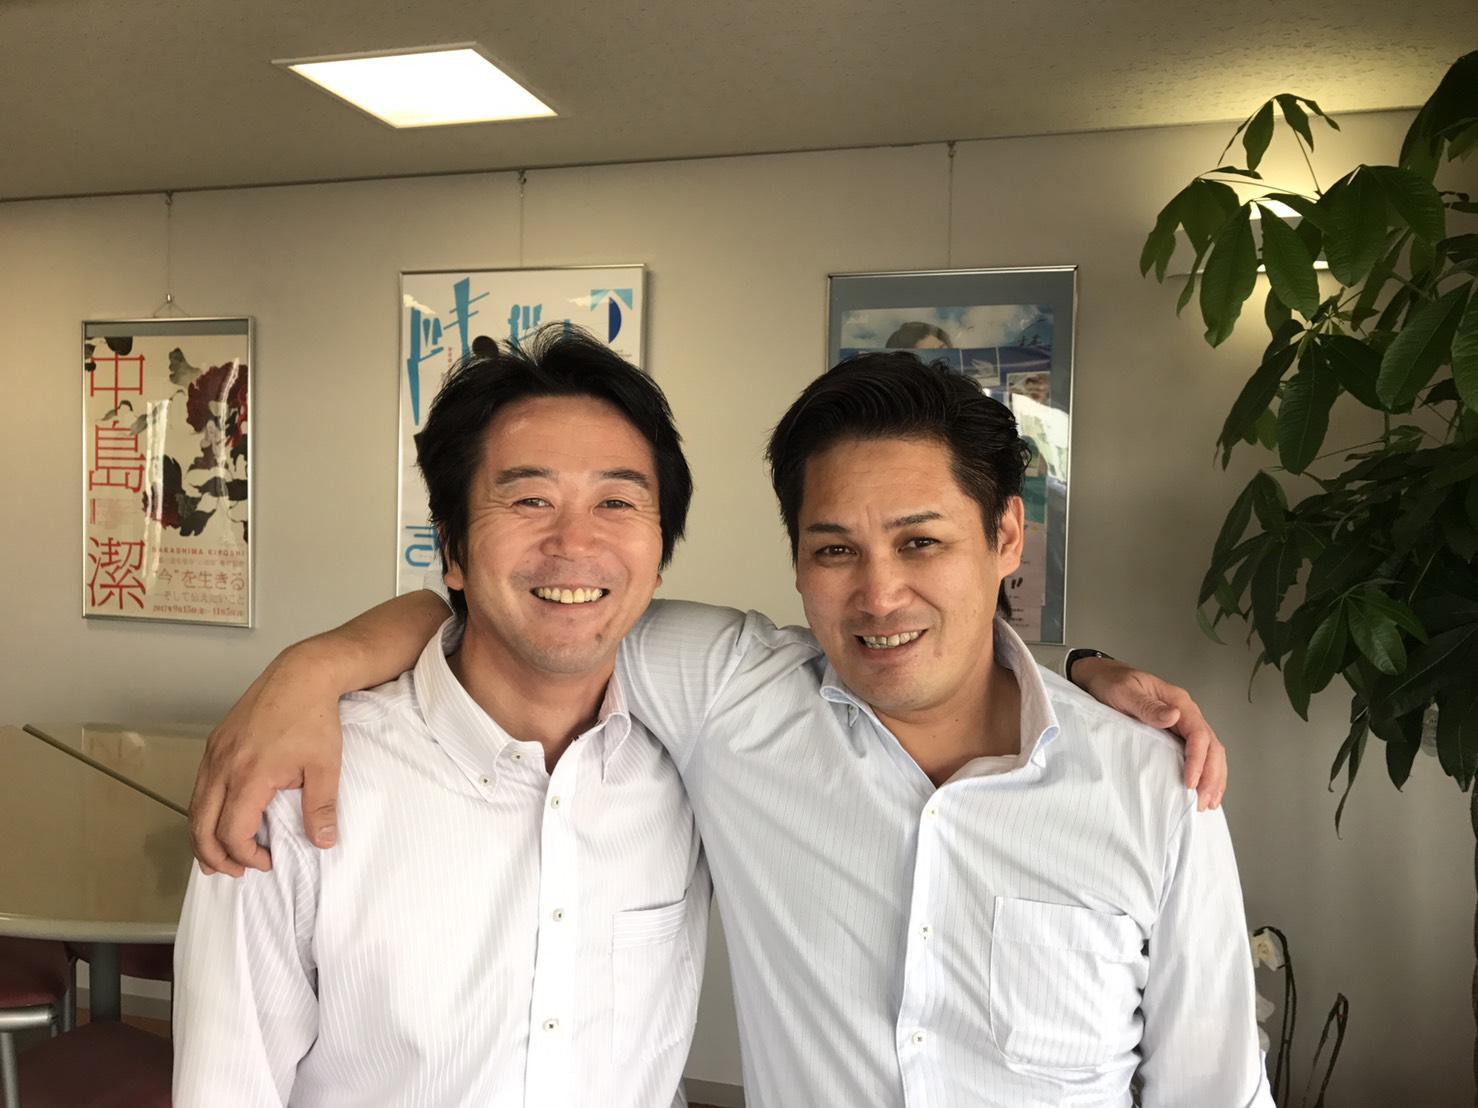 【城南支部】10/25例会リハーサル開催!